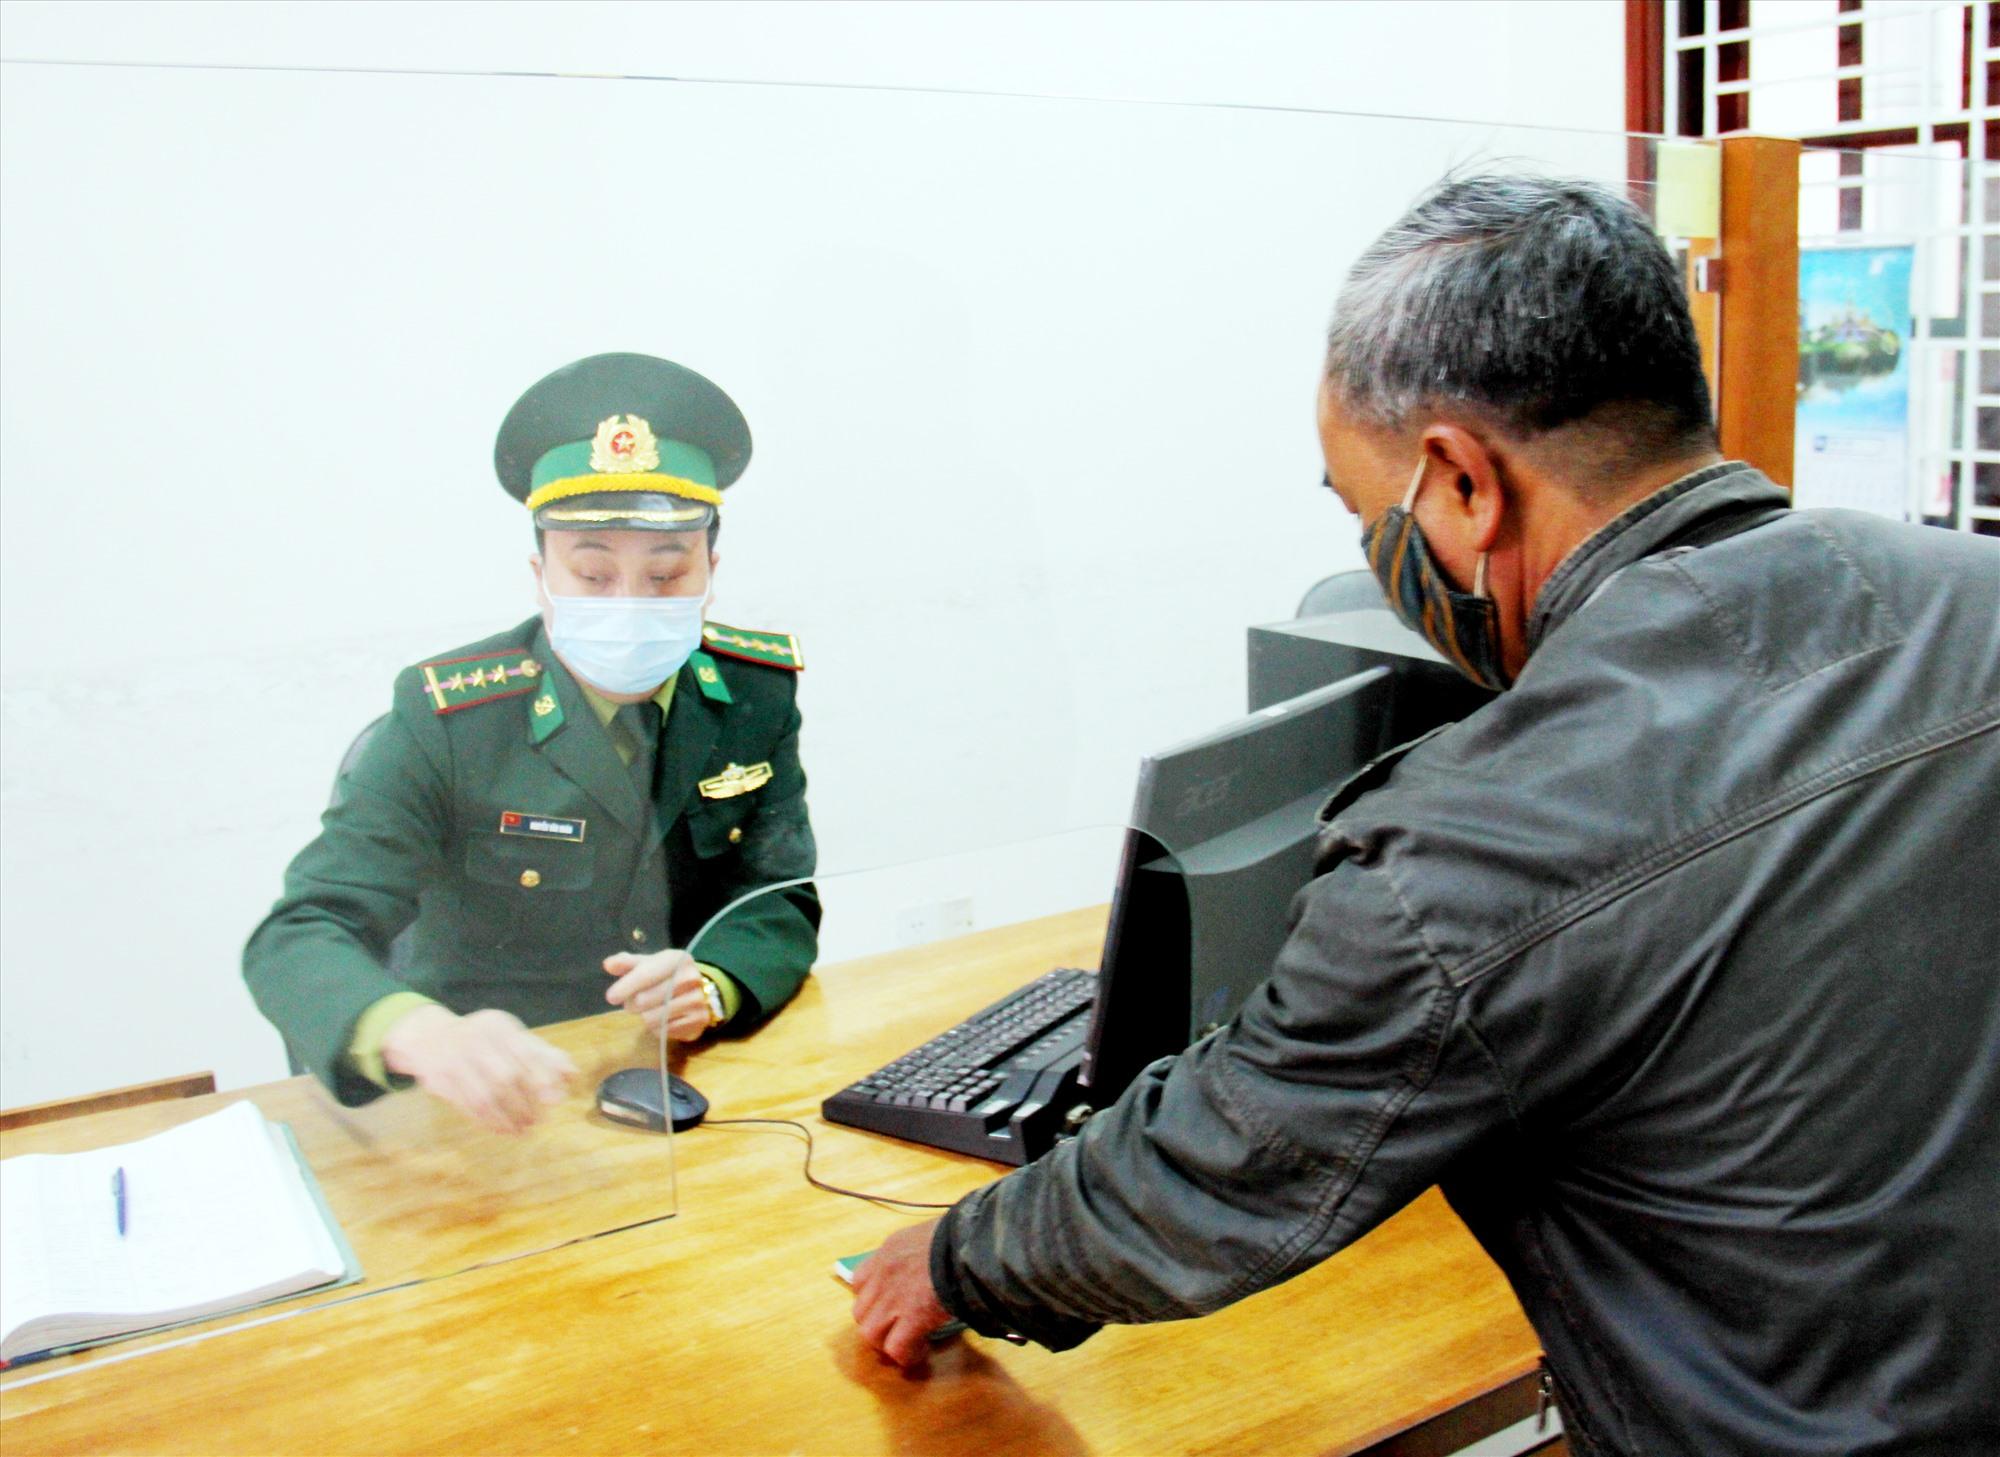 Tất cả người dân đến đăng ký xuất nhập cảnh tại cửa khẩu biên giới đều được kiểm tra lịch trình đi lại nhằm kiểm soát chặt chẽ theo quy định. Ảnh: ALĂNG NGƯỚC